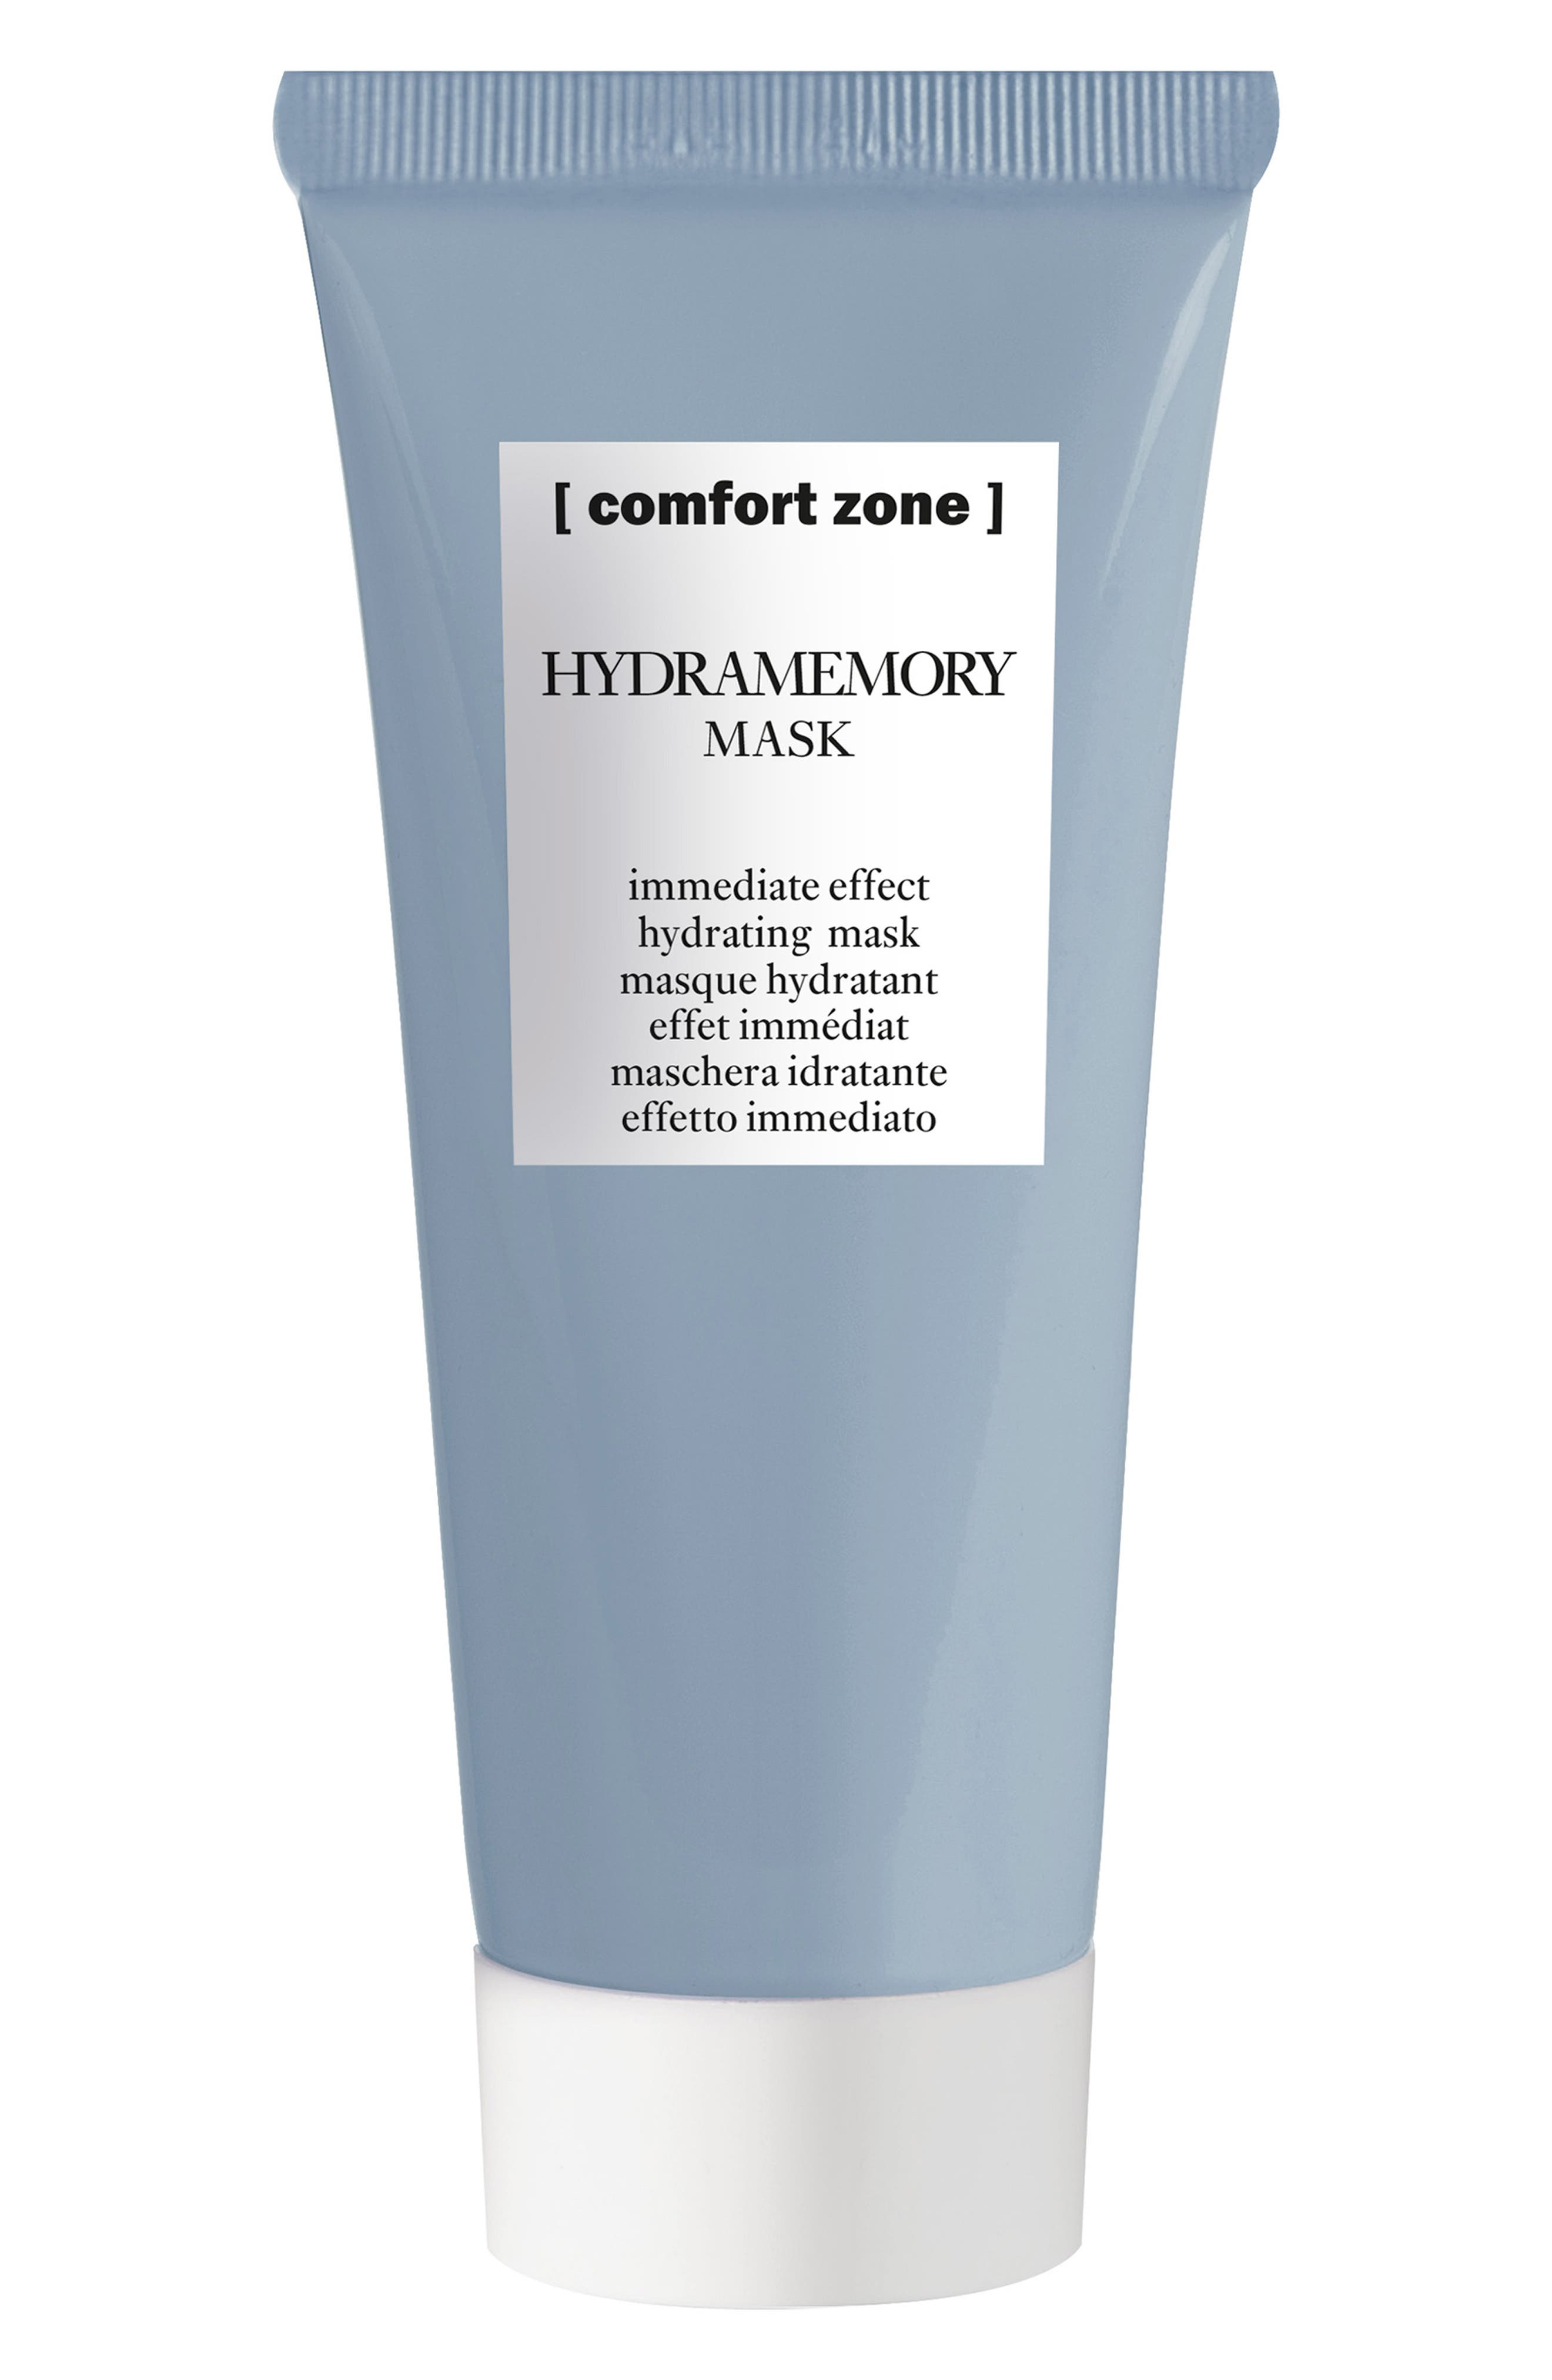 Hydramemory Mask